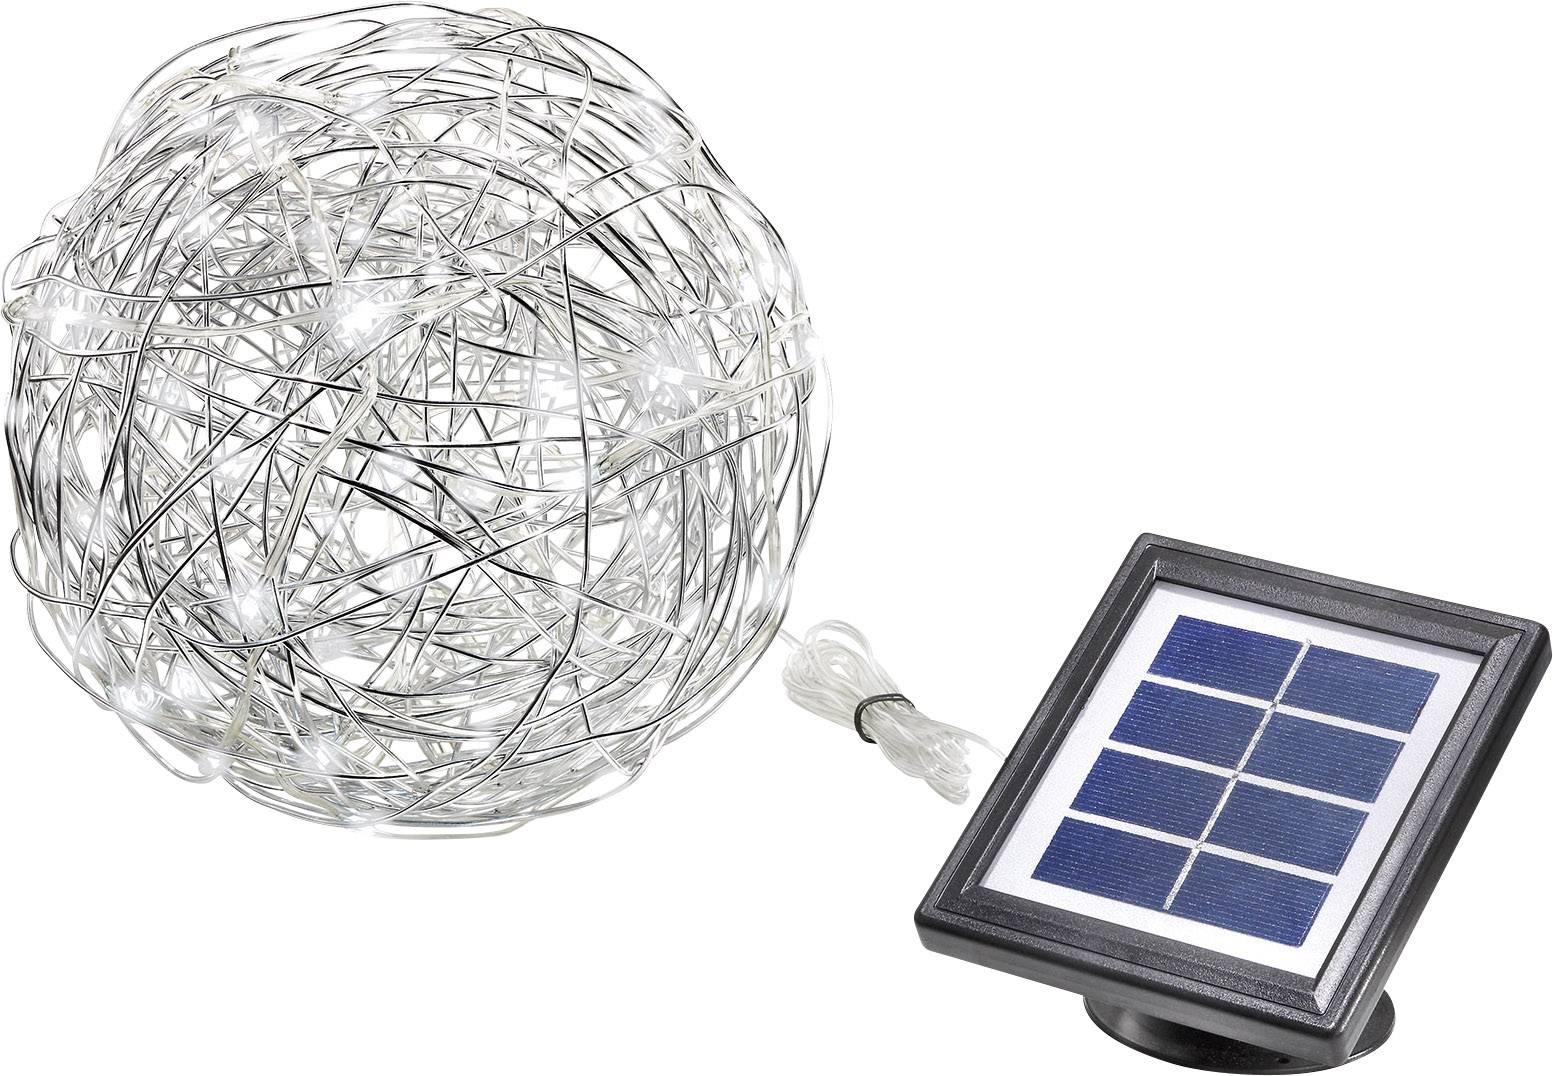 LED solárne dekoračné osvetlenie guľa Esotec Wireball 102112, IP44, hliník, denné svetlo